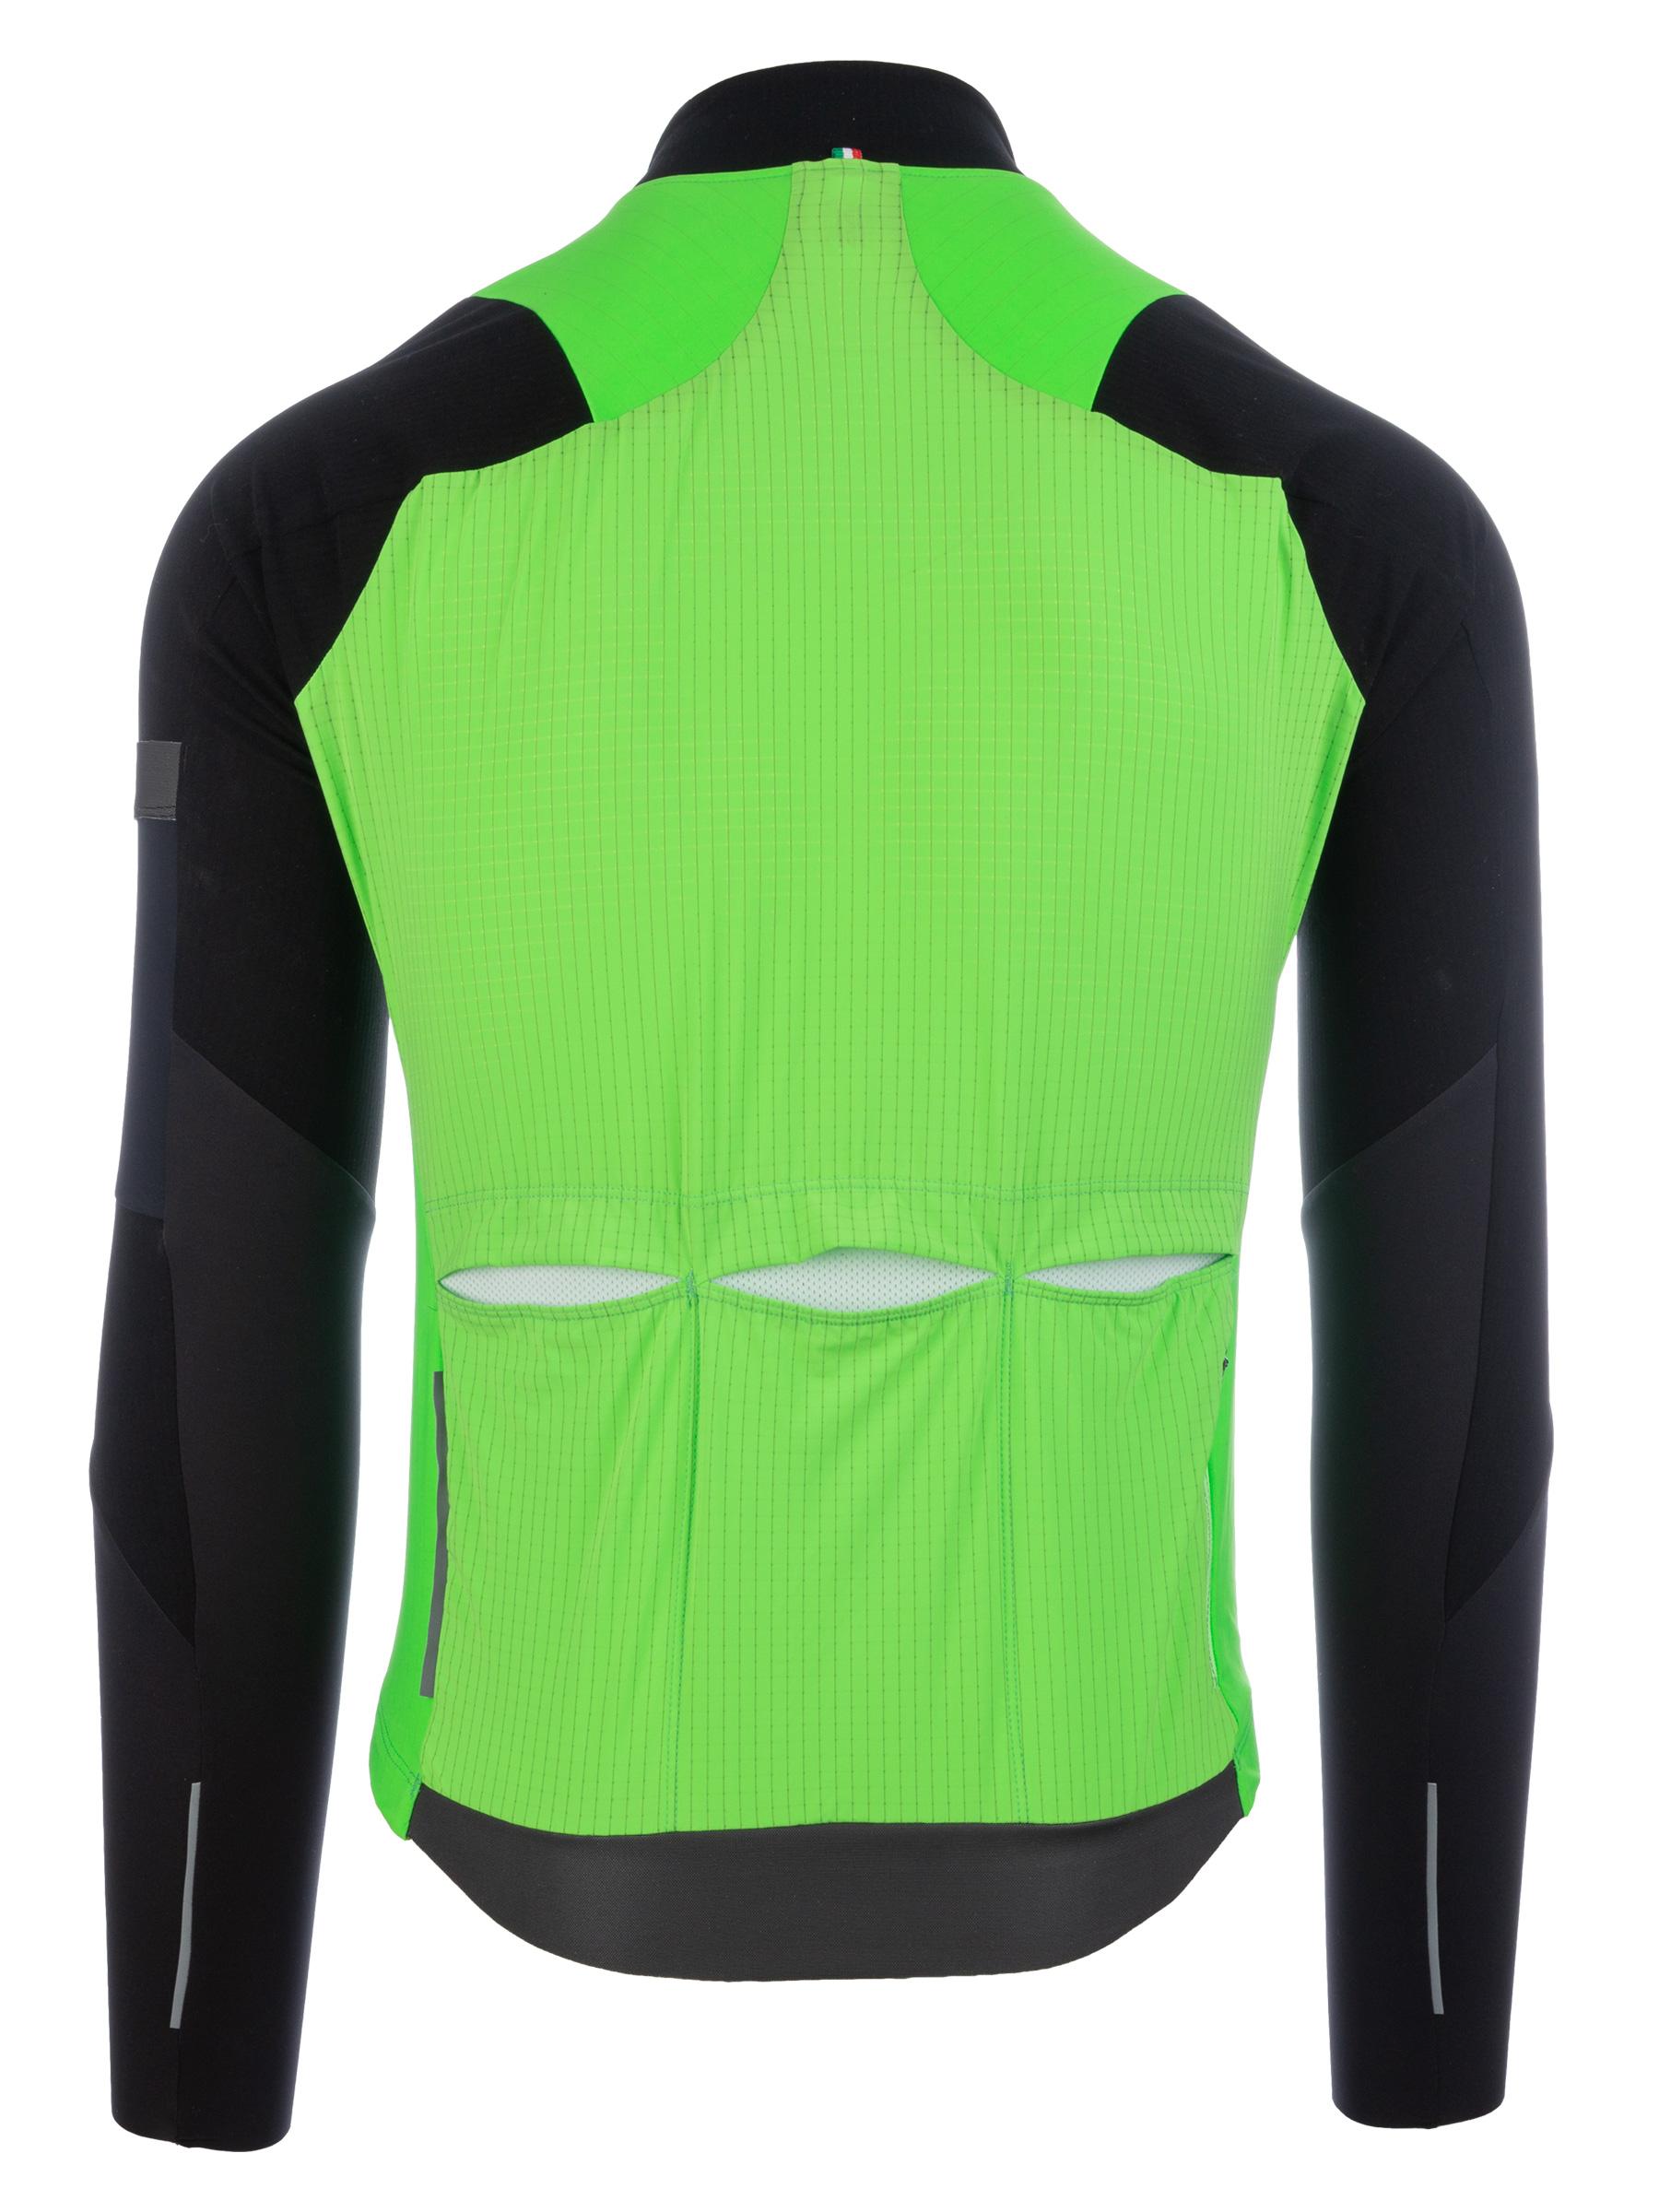 Jersey Hybrid Que X Green